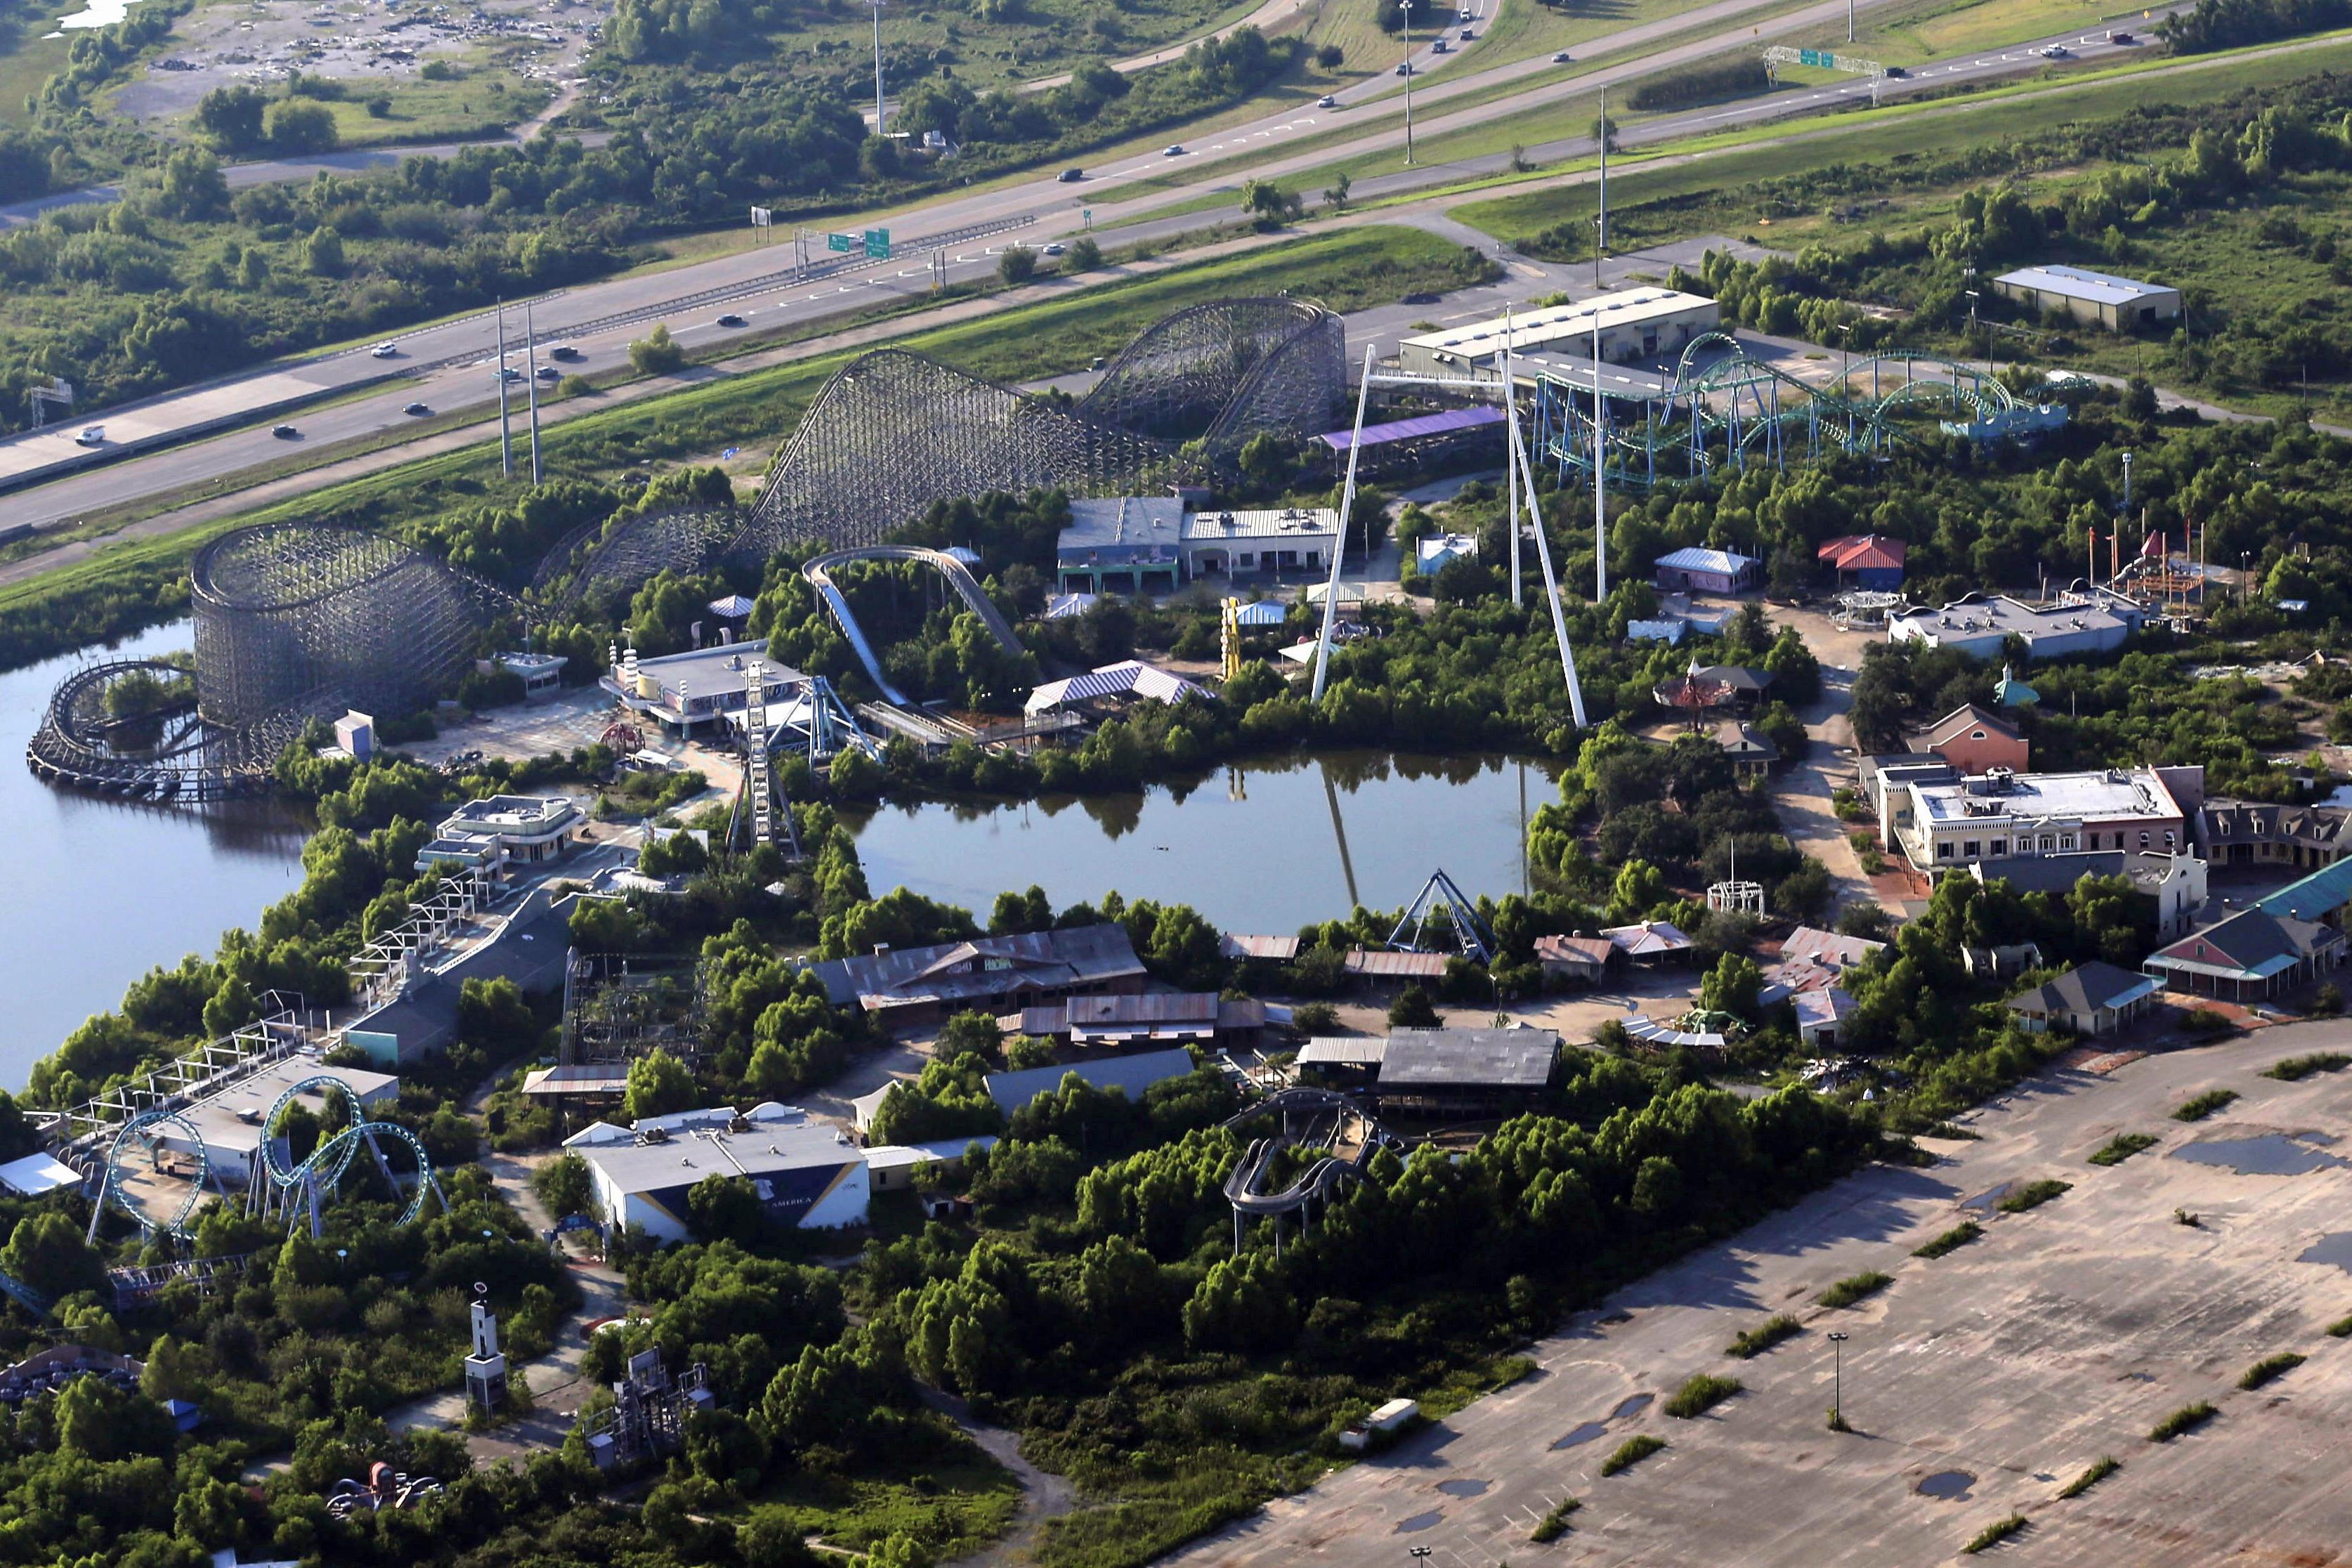 Developer Sought For Idle Theme Park